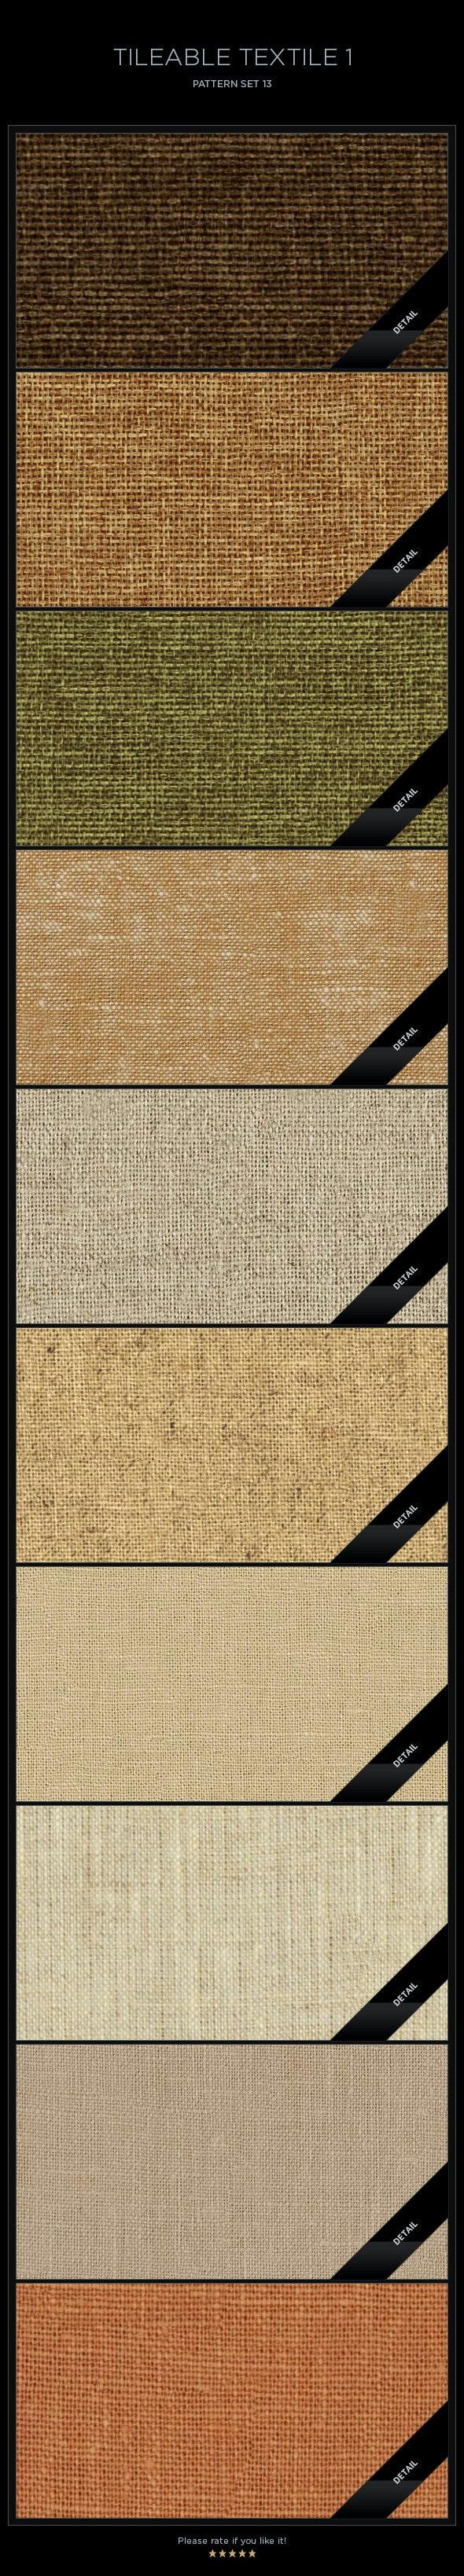 10 Tileable Textile-1 Textures/Patterns - Miscellaneous Textures / Fills / Patterns